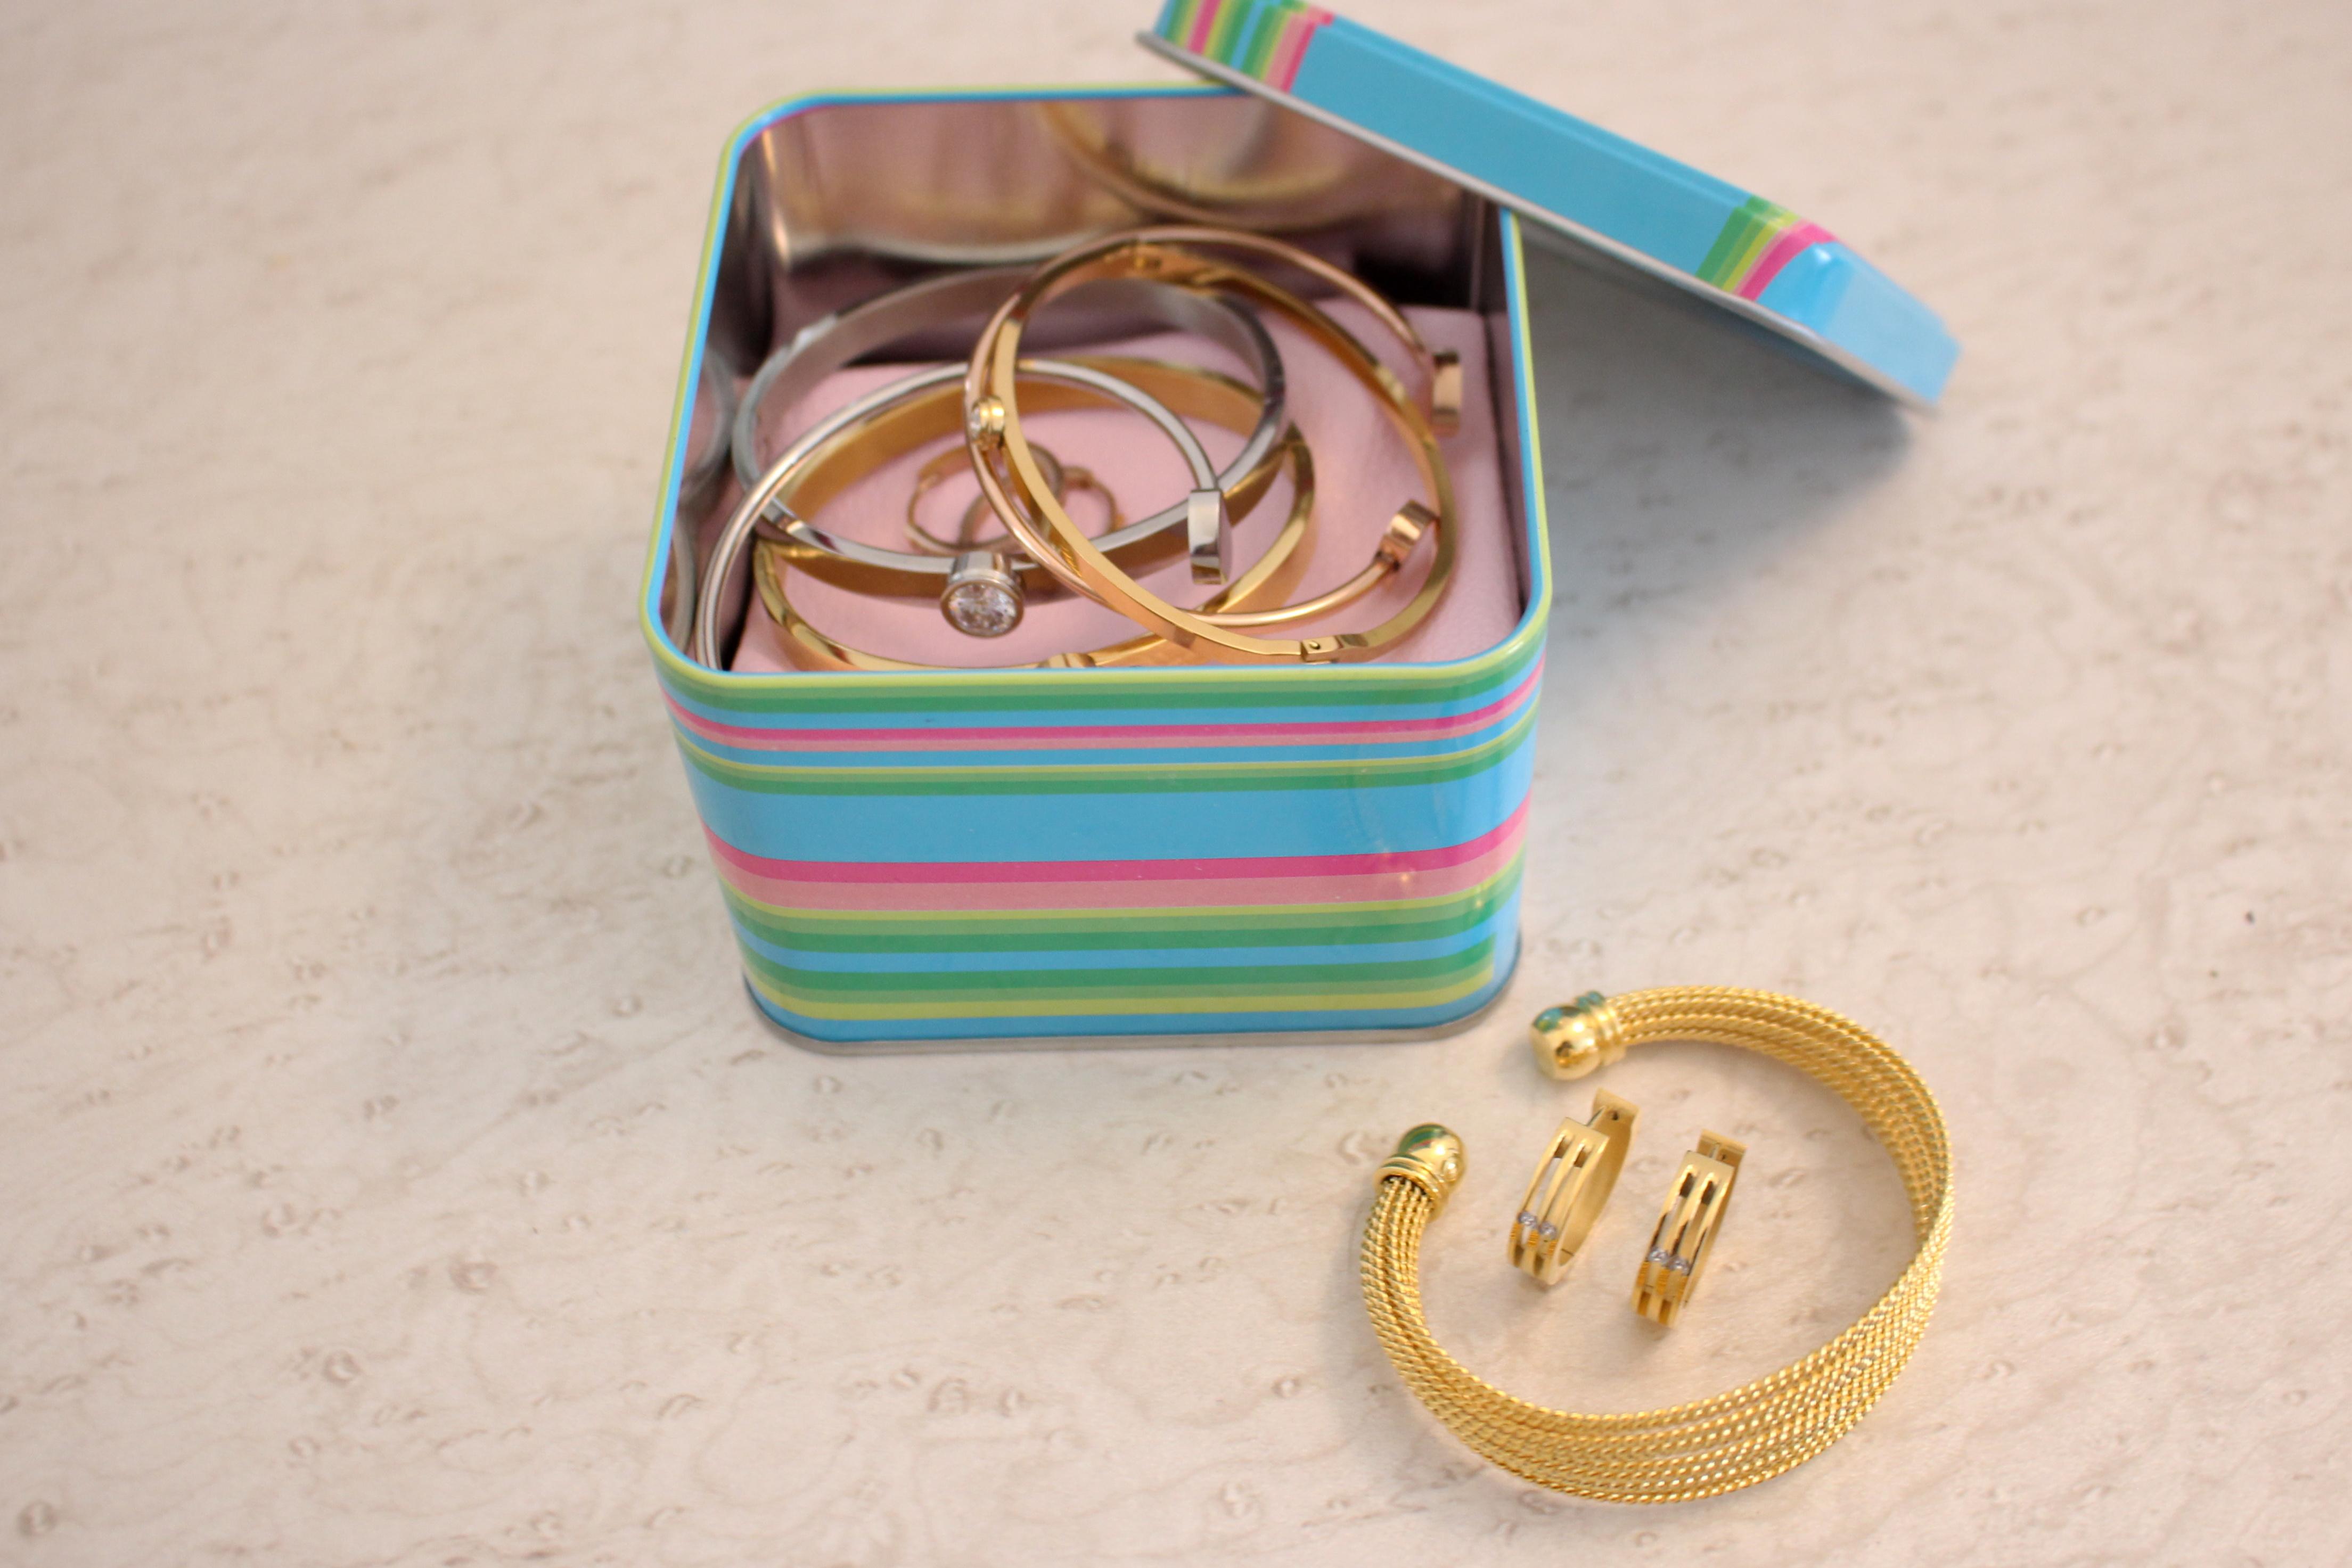 šperky v krabičce